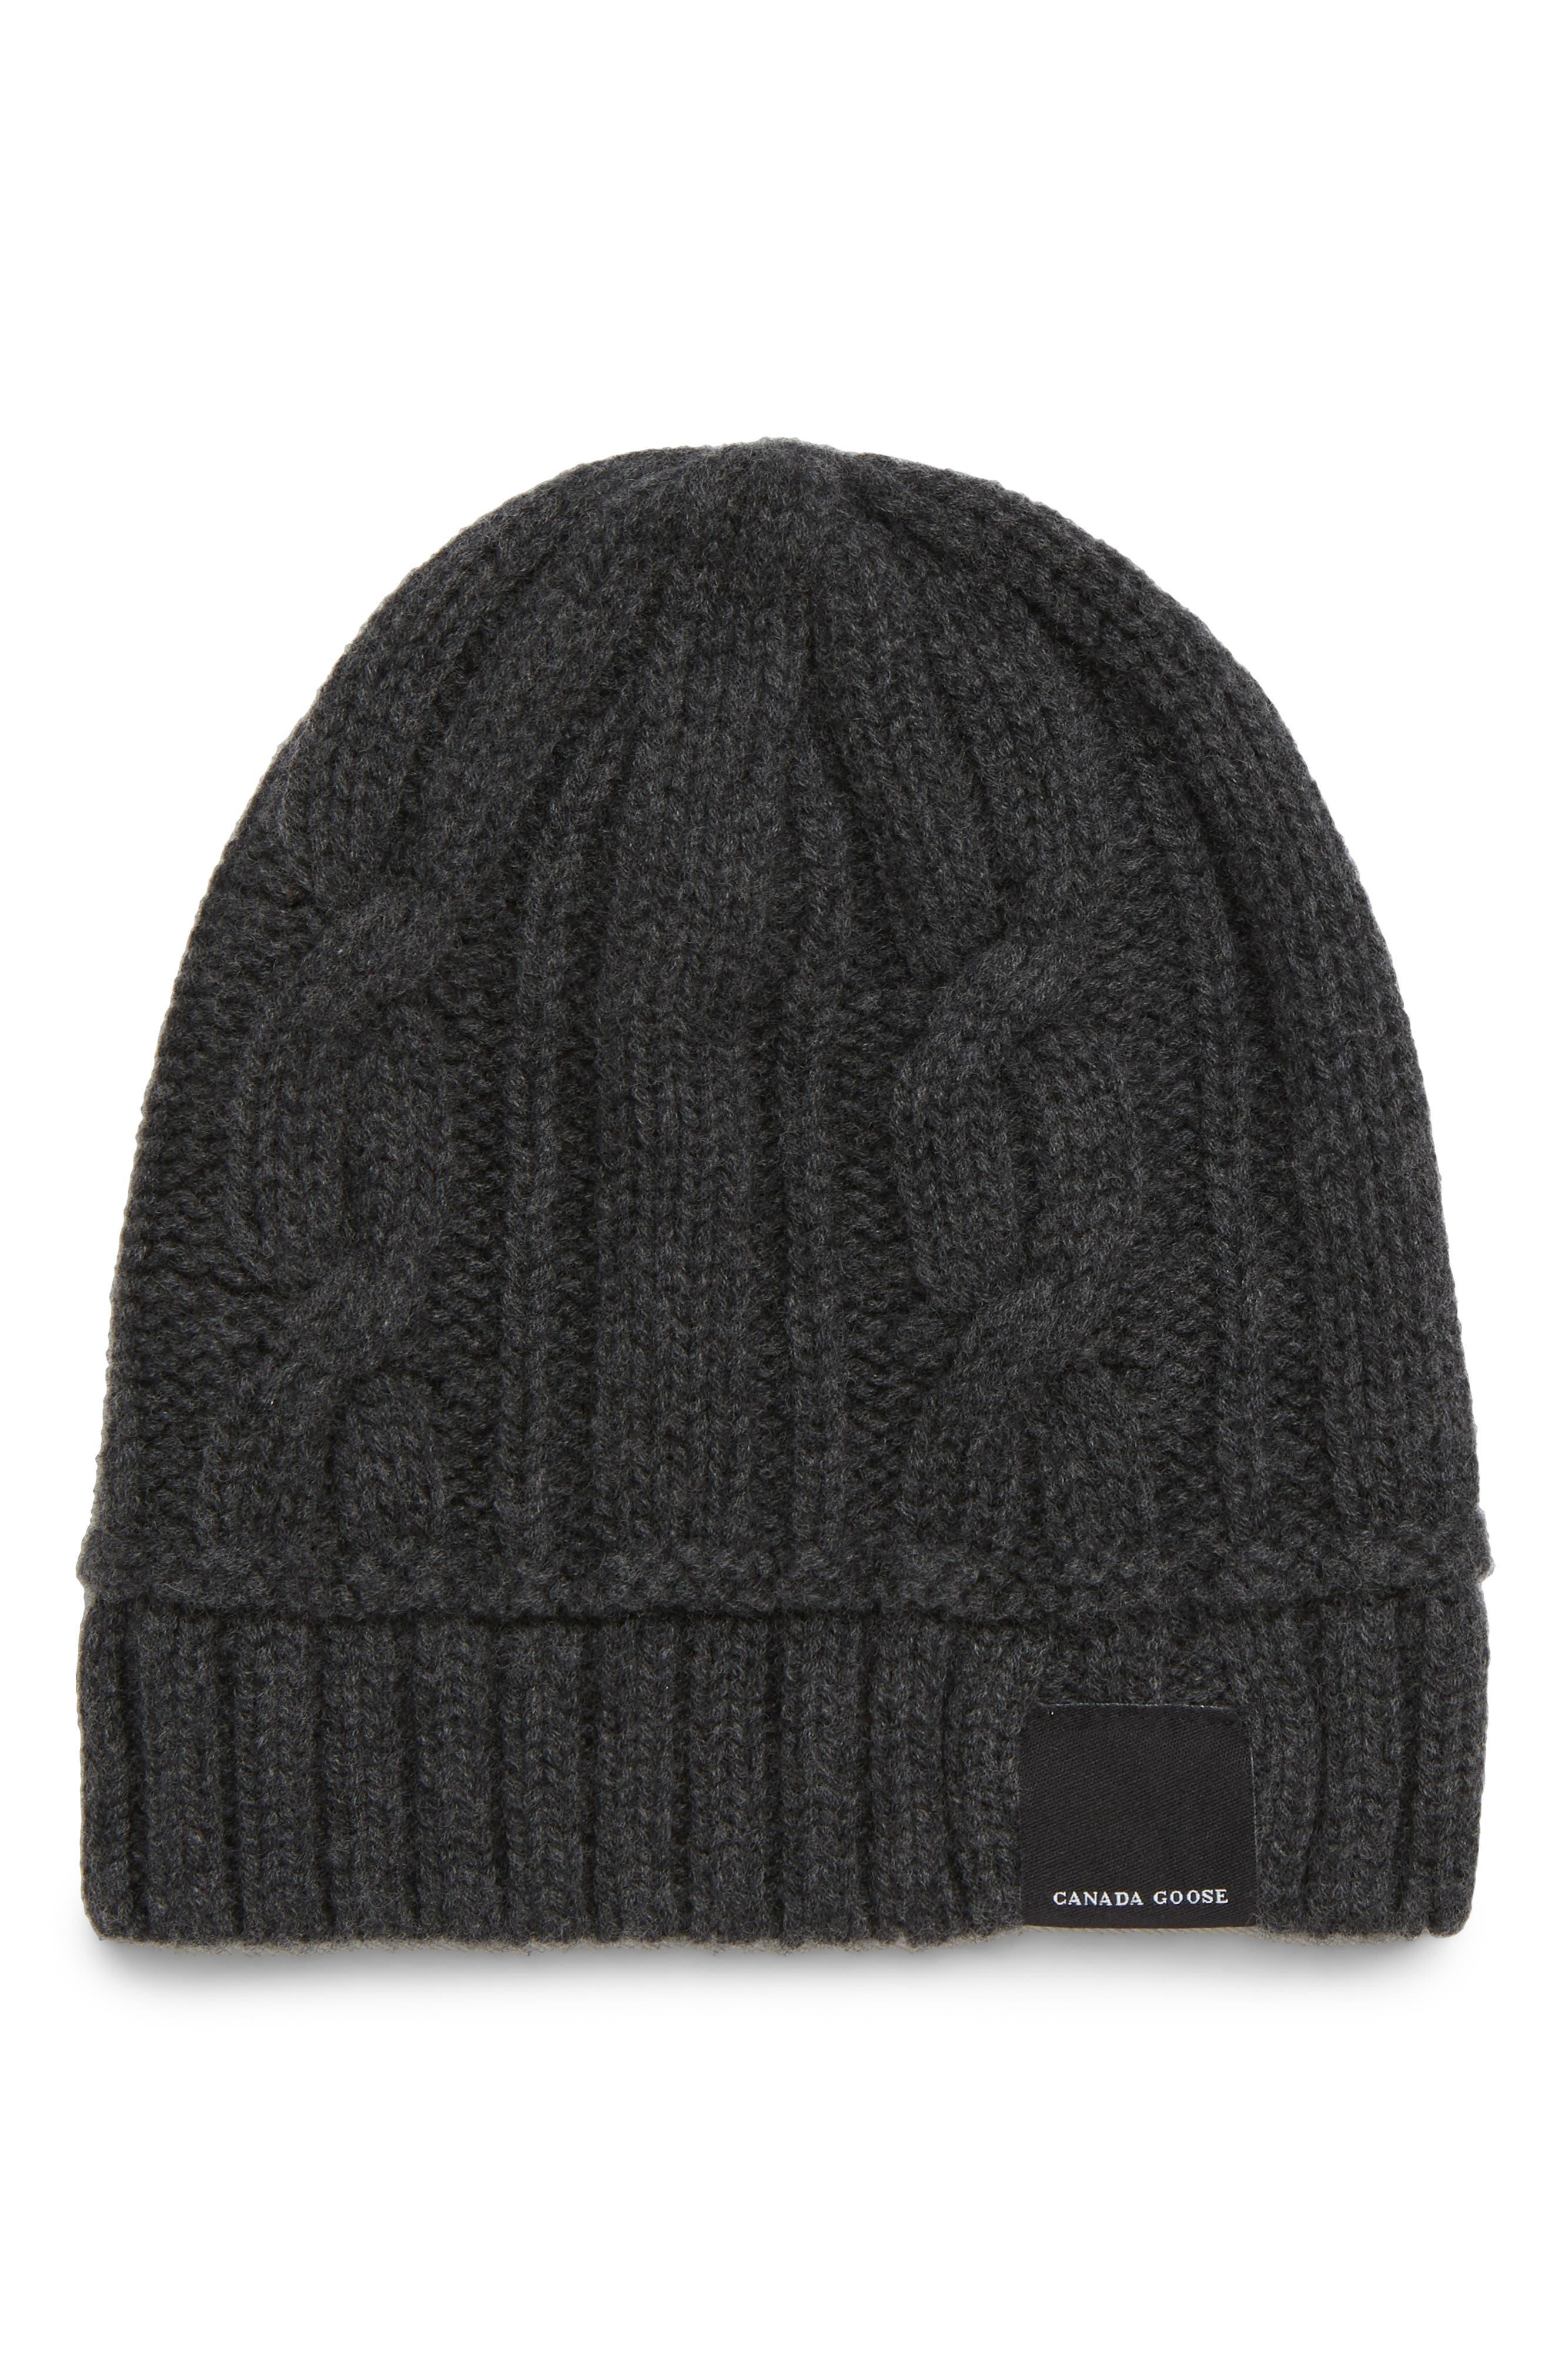 1ffdb9133e8dd Men s Beanies  Knit Caps   Winter Hats